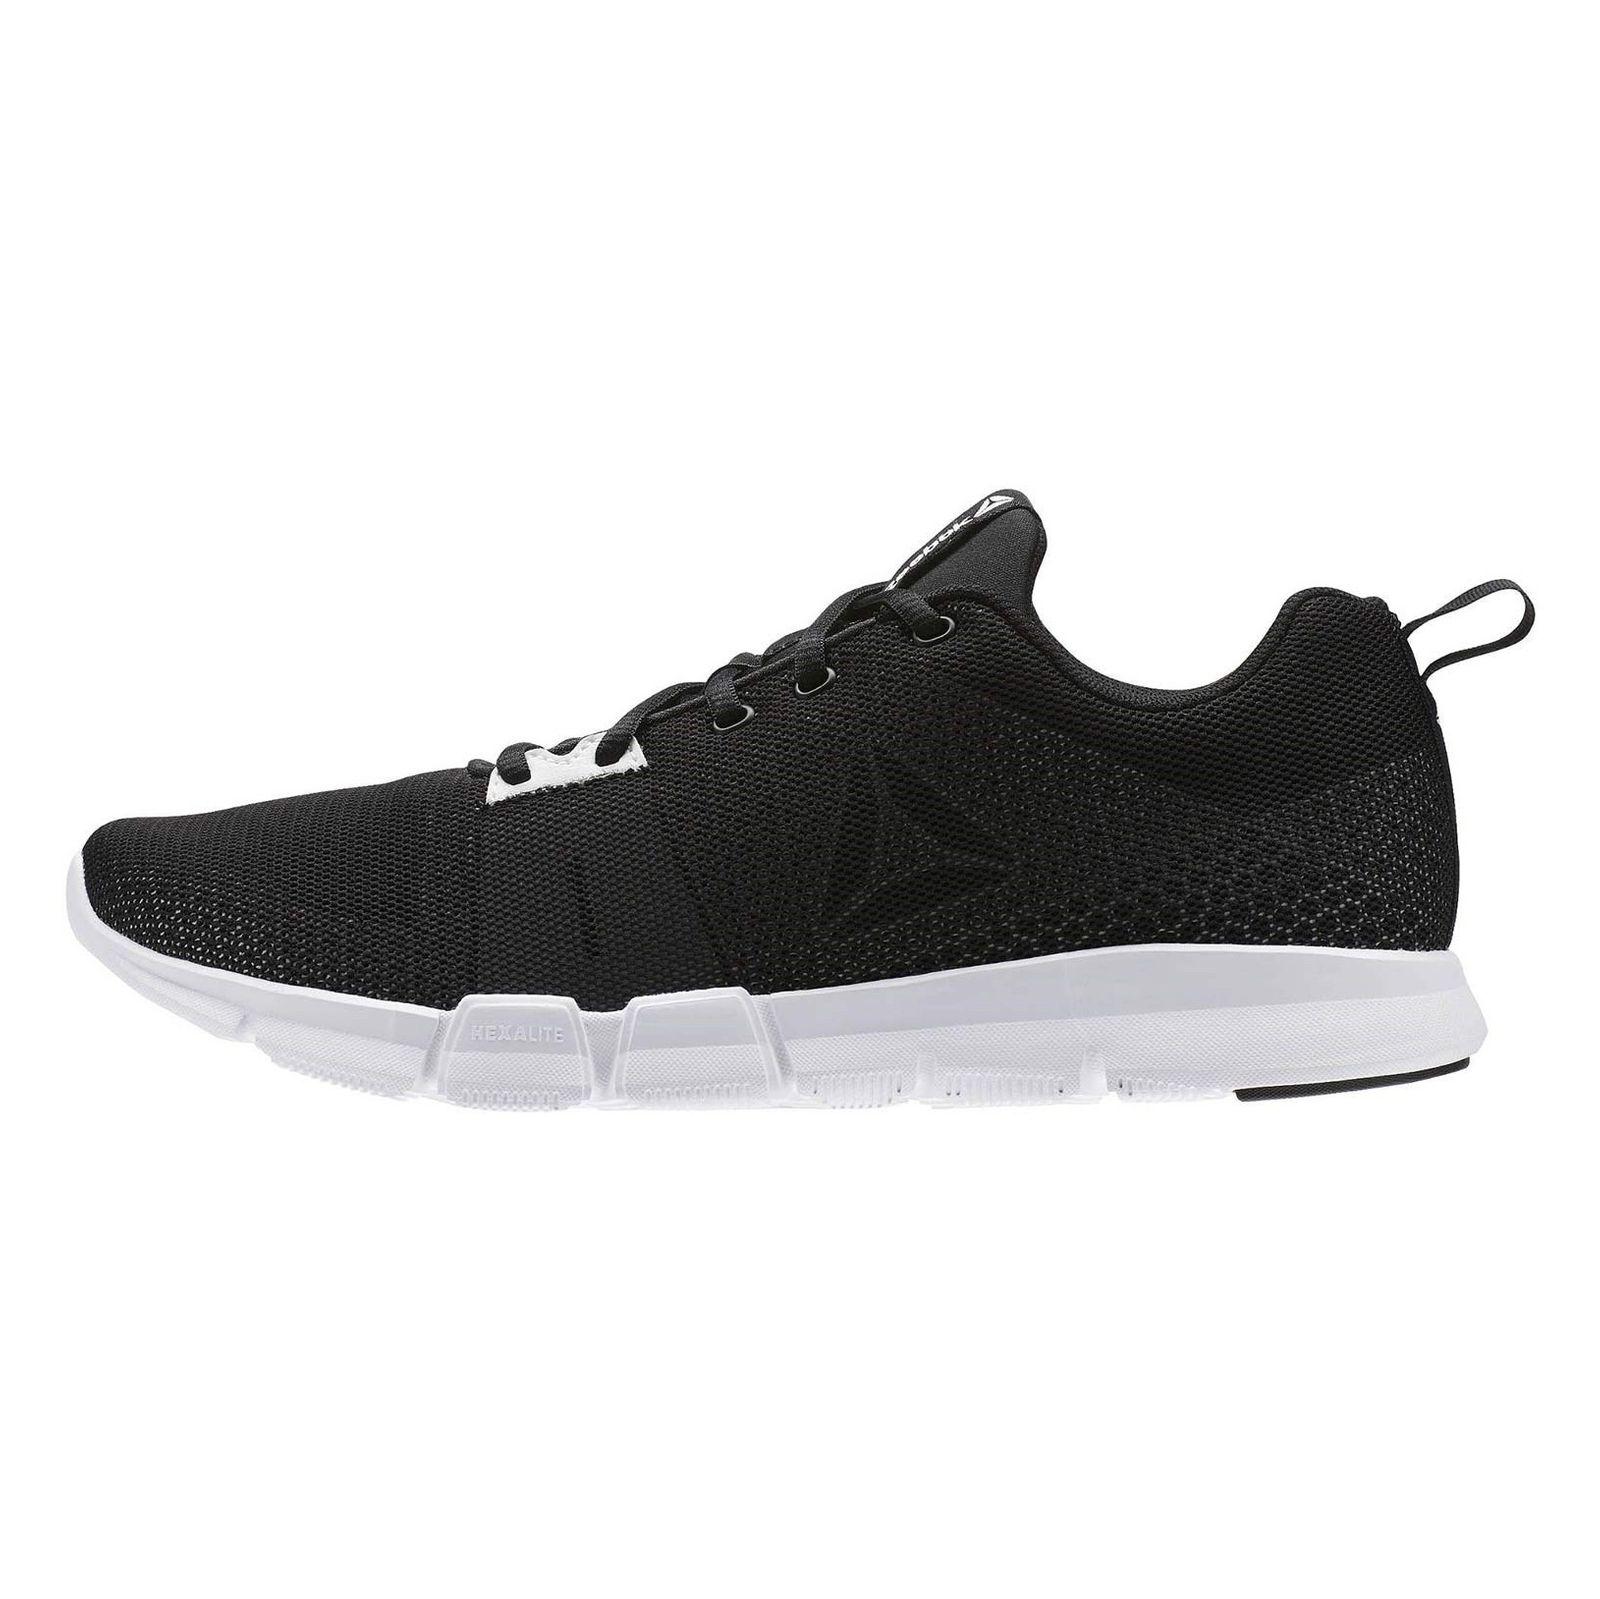 کفش تمرین بندی مردانه Hexalite TR 2-0 - ریباک - مشکي - 3